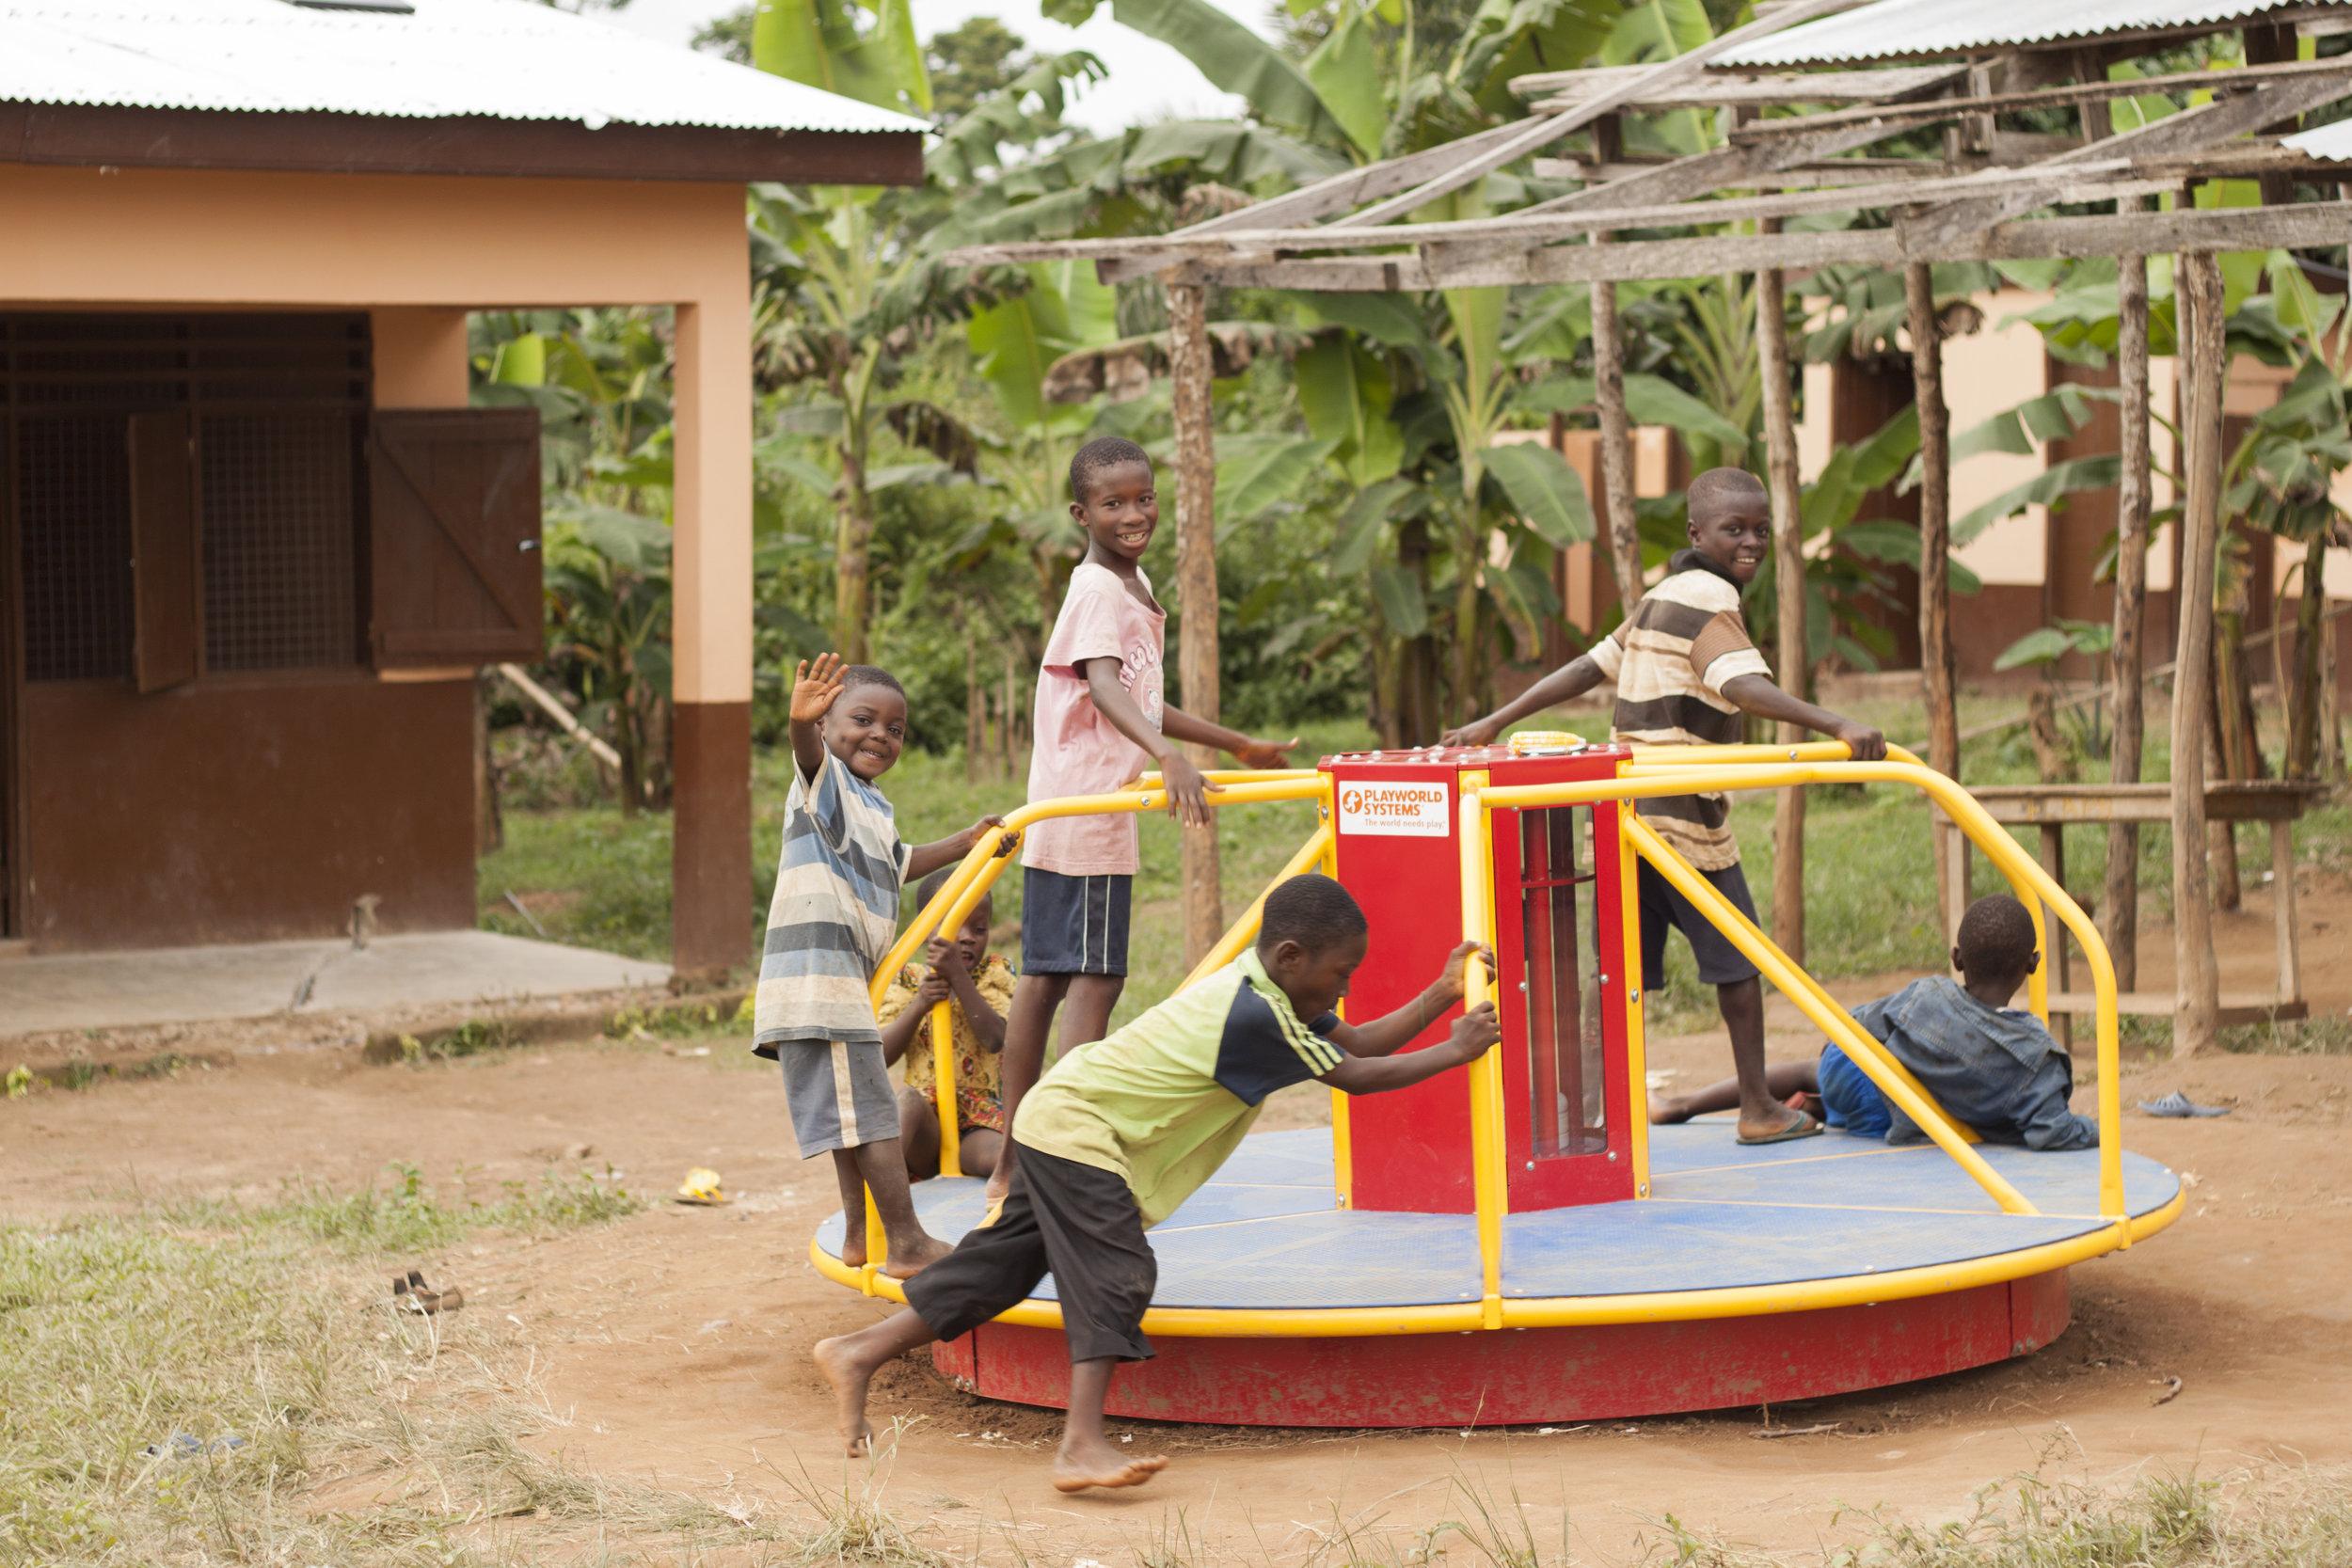 Merry-go-round at Fatwa Kosie